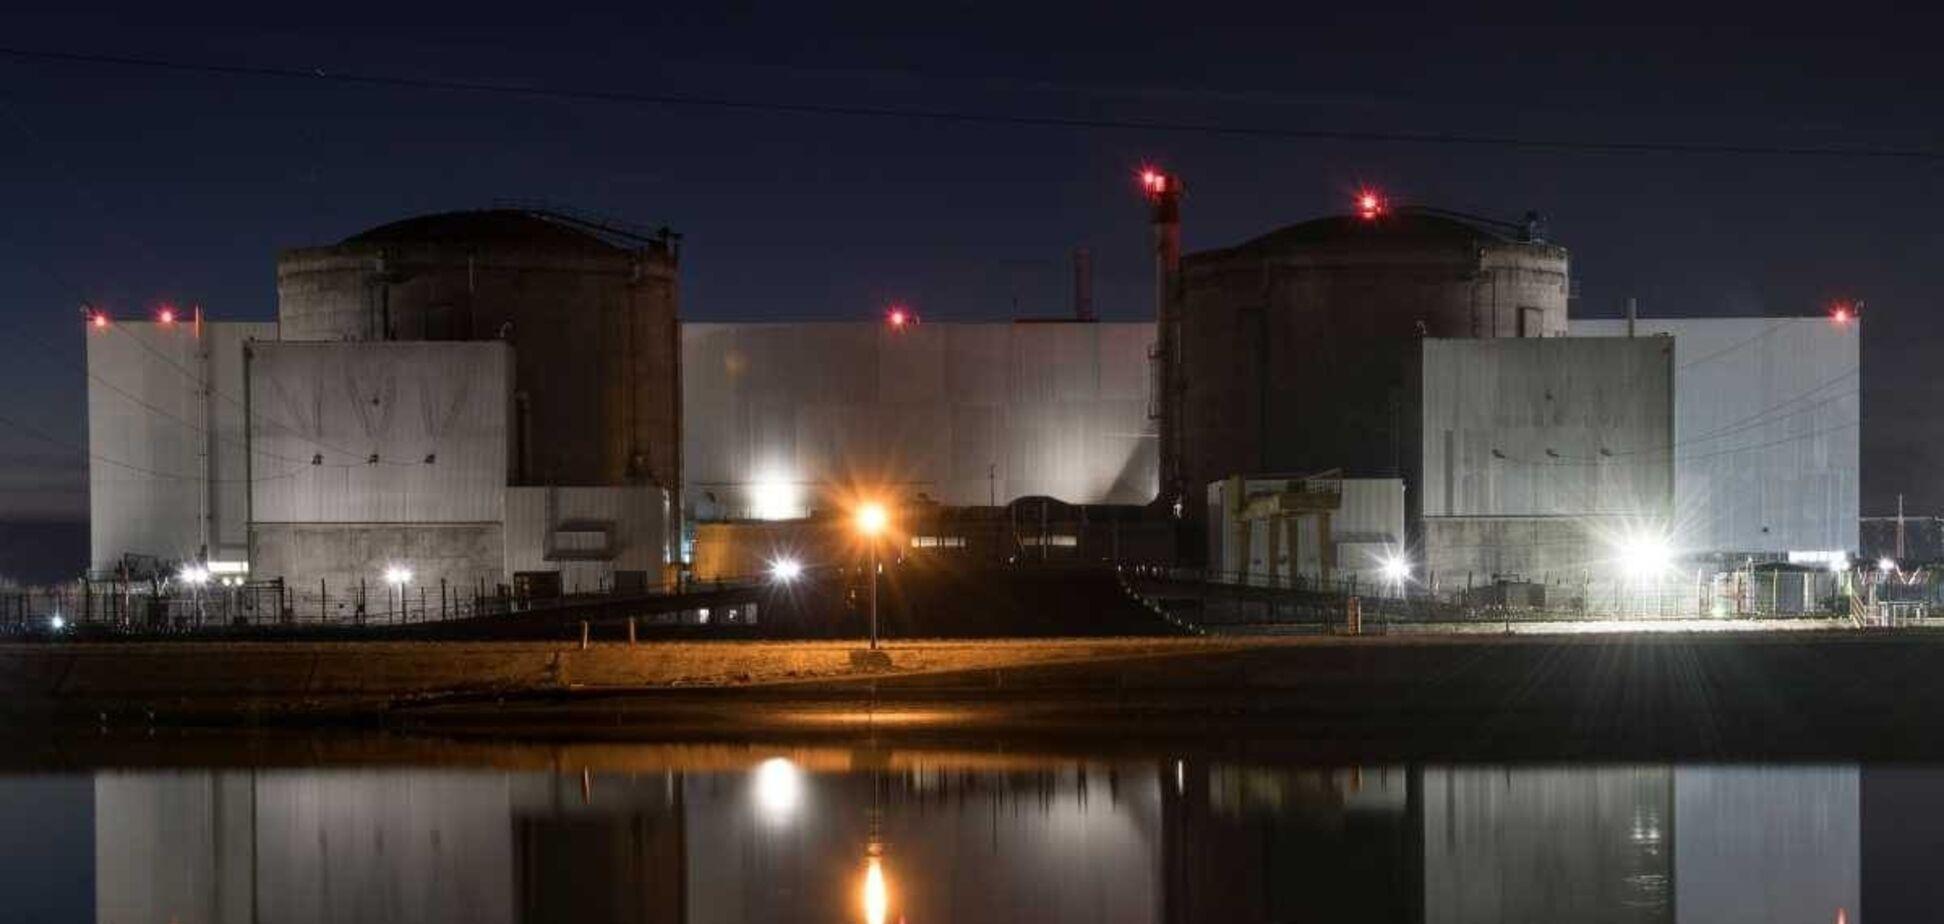 Во Франции начали останавливать ядерные реакторы: что решили в правительстве